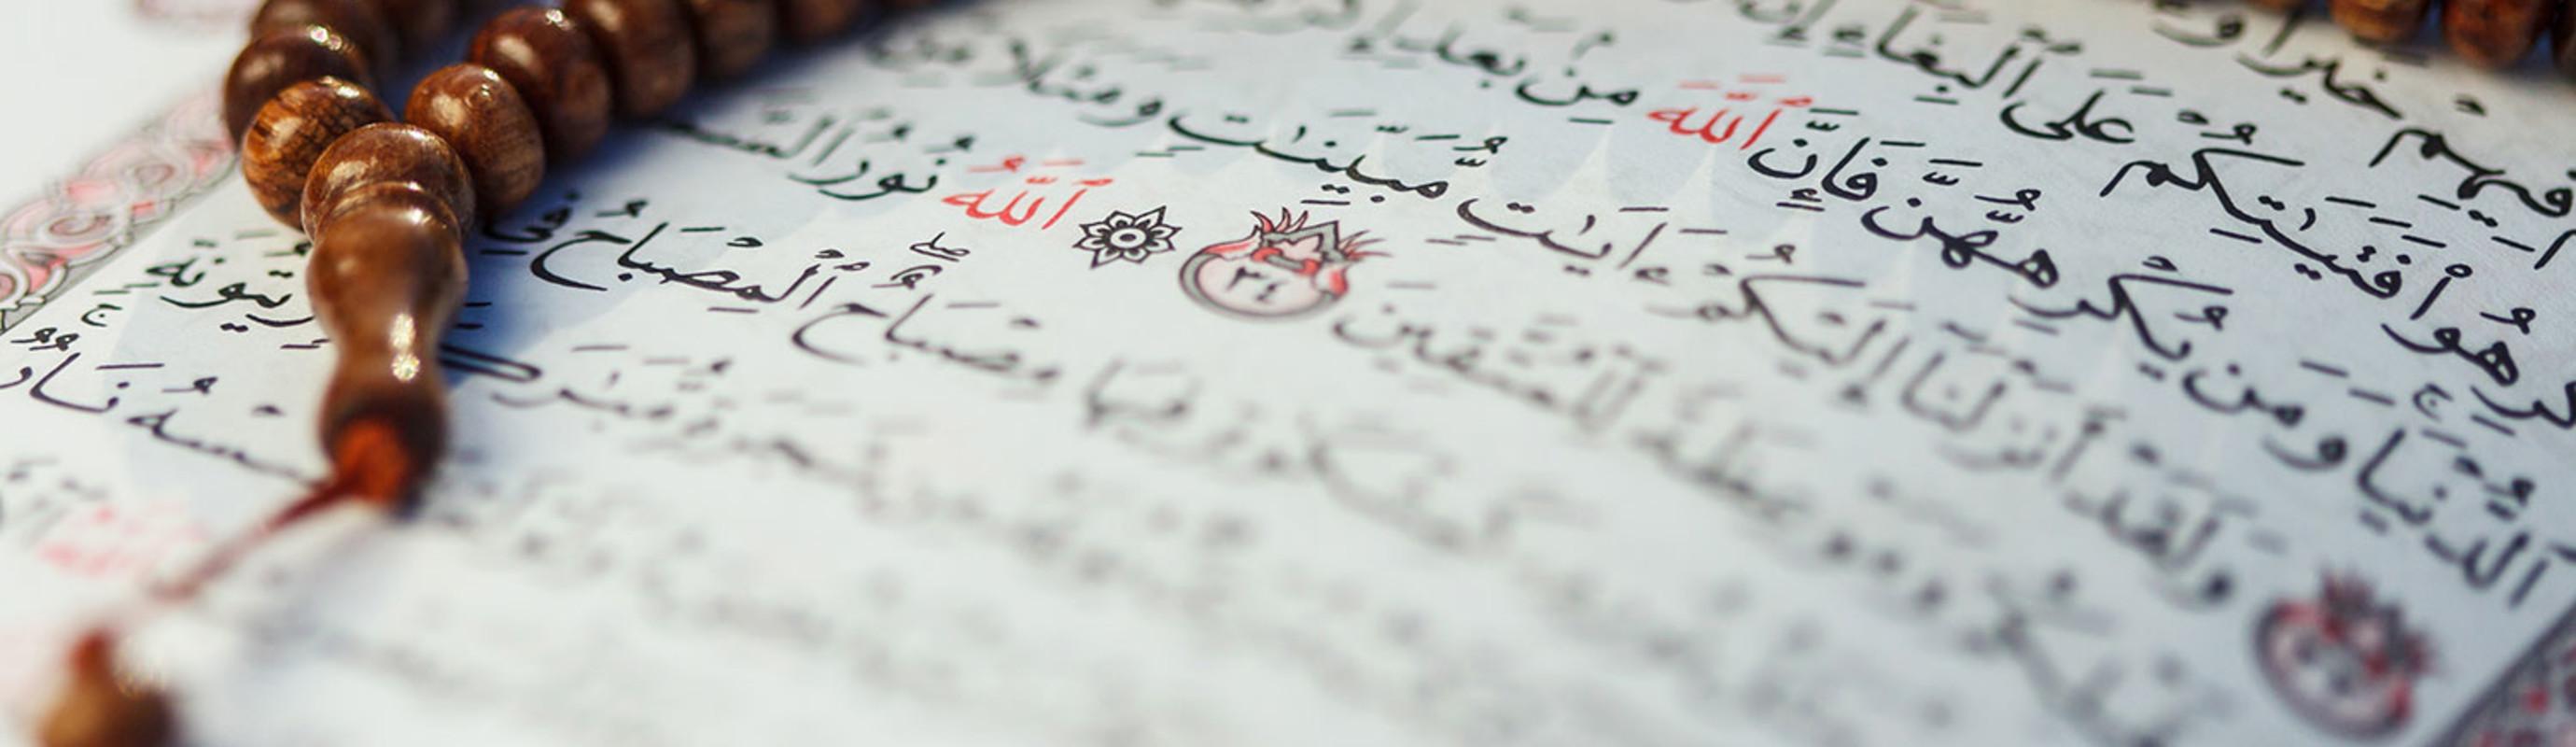 Dieper en dieper in de oneindige dieptes van de Heilige Koran..tafsir series - eerste aflevering - Farsi.